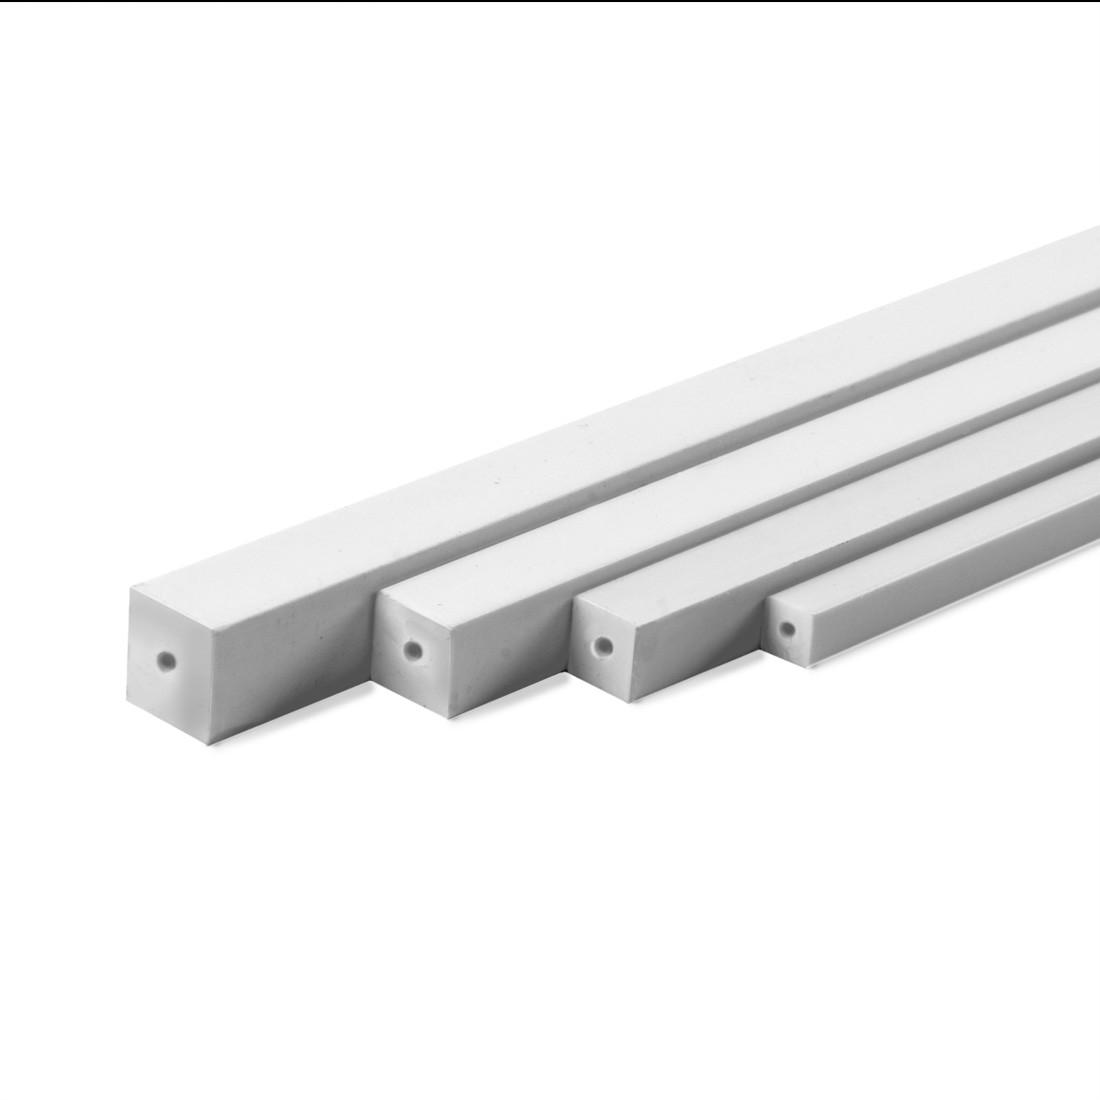 ASA square profile mm.5x1000